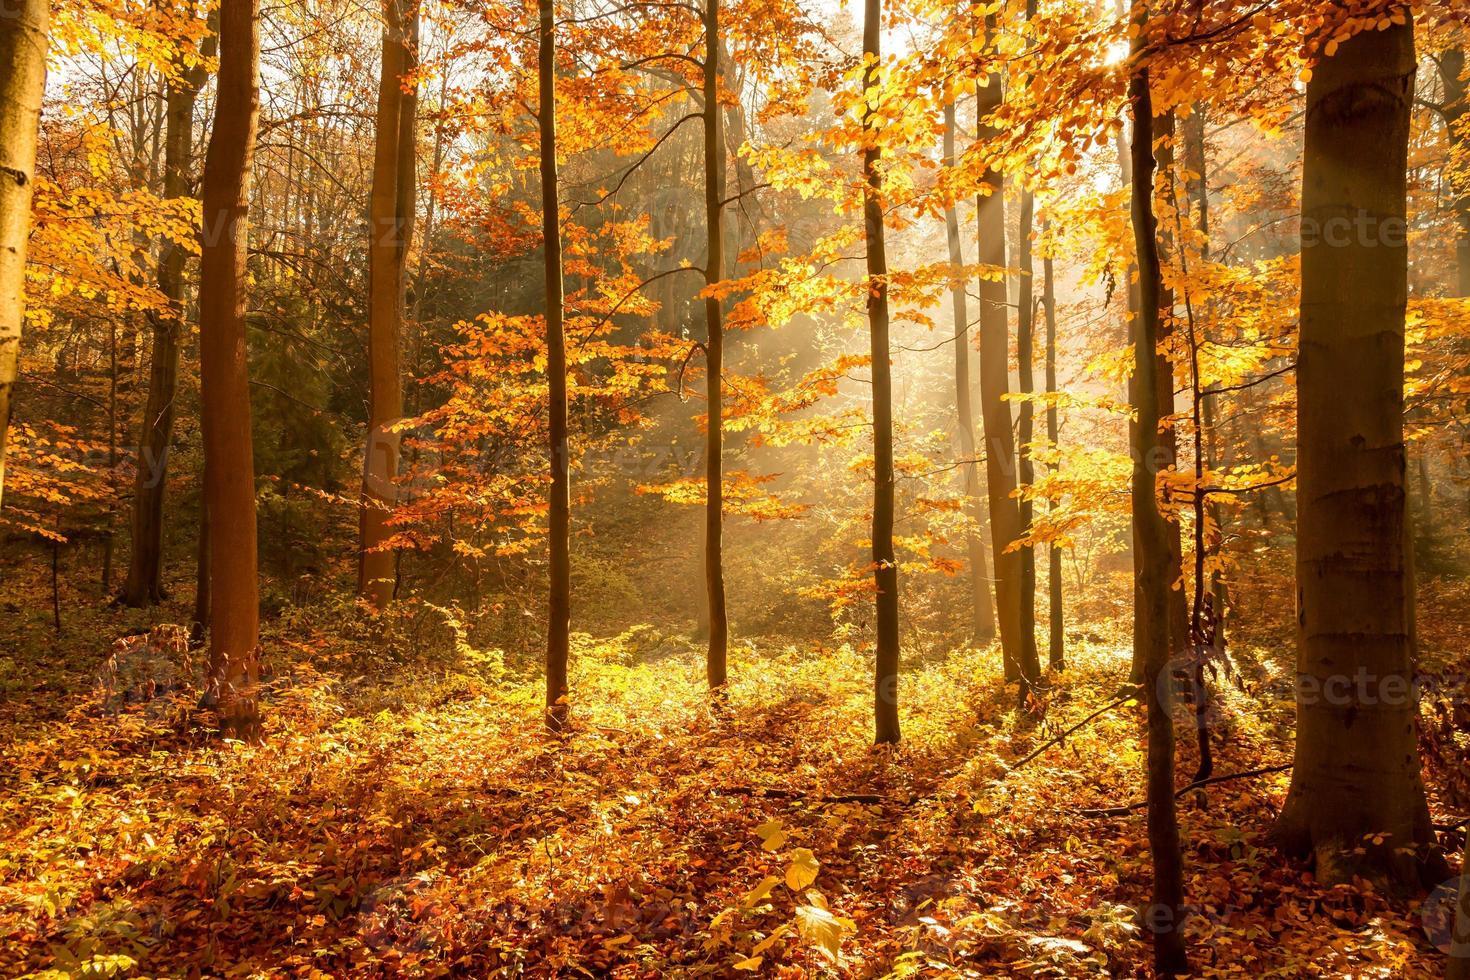 floresta no outono, os raios do sol iluminam a névoa foto